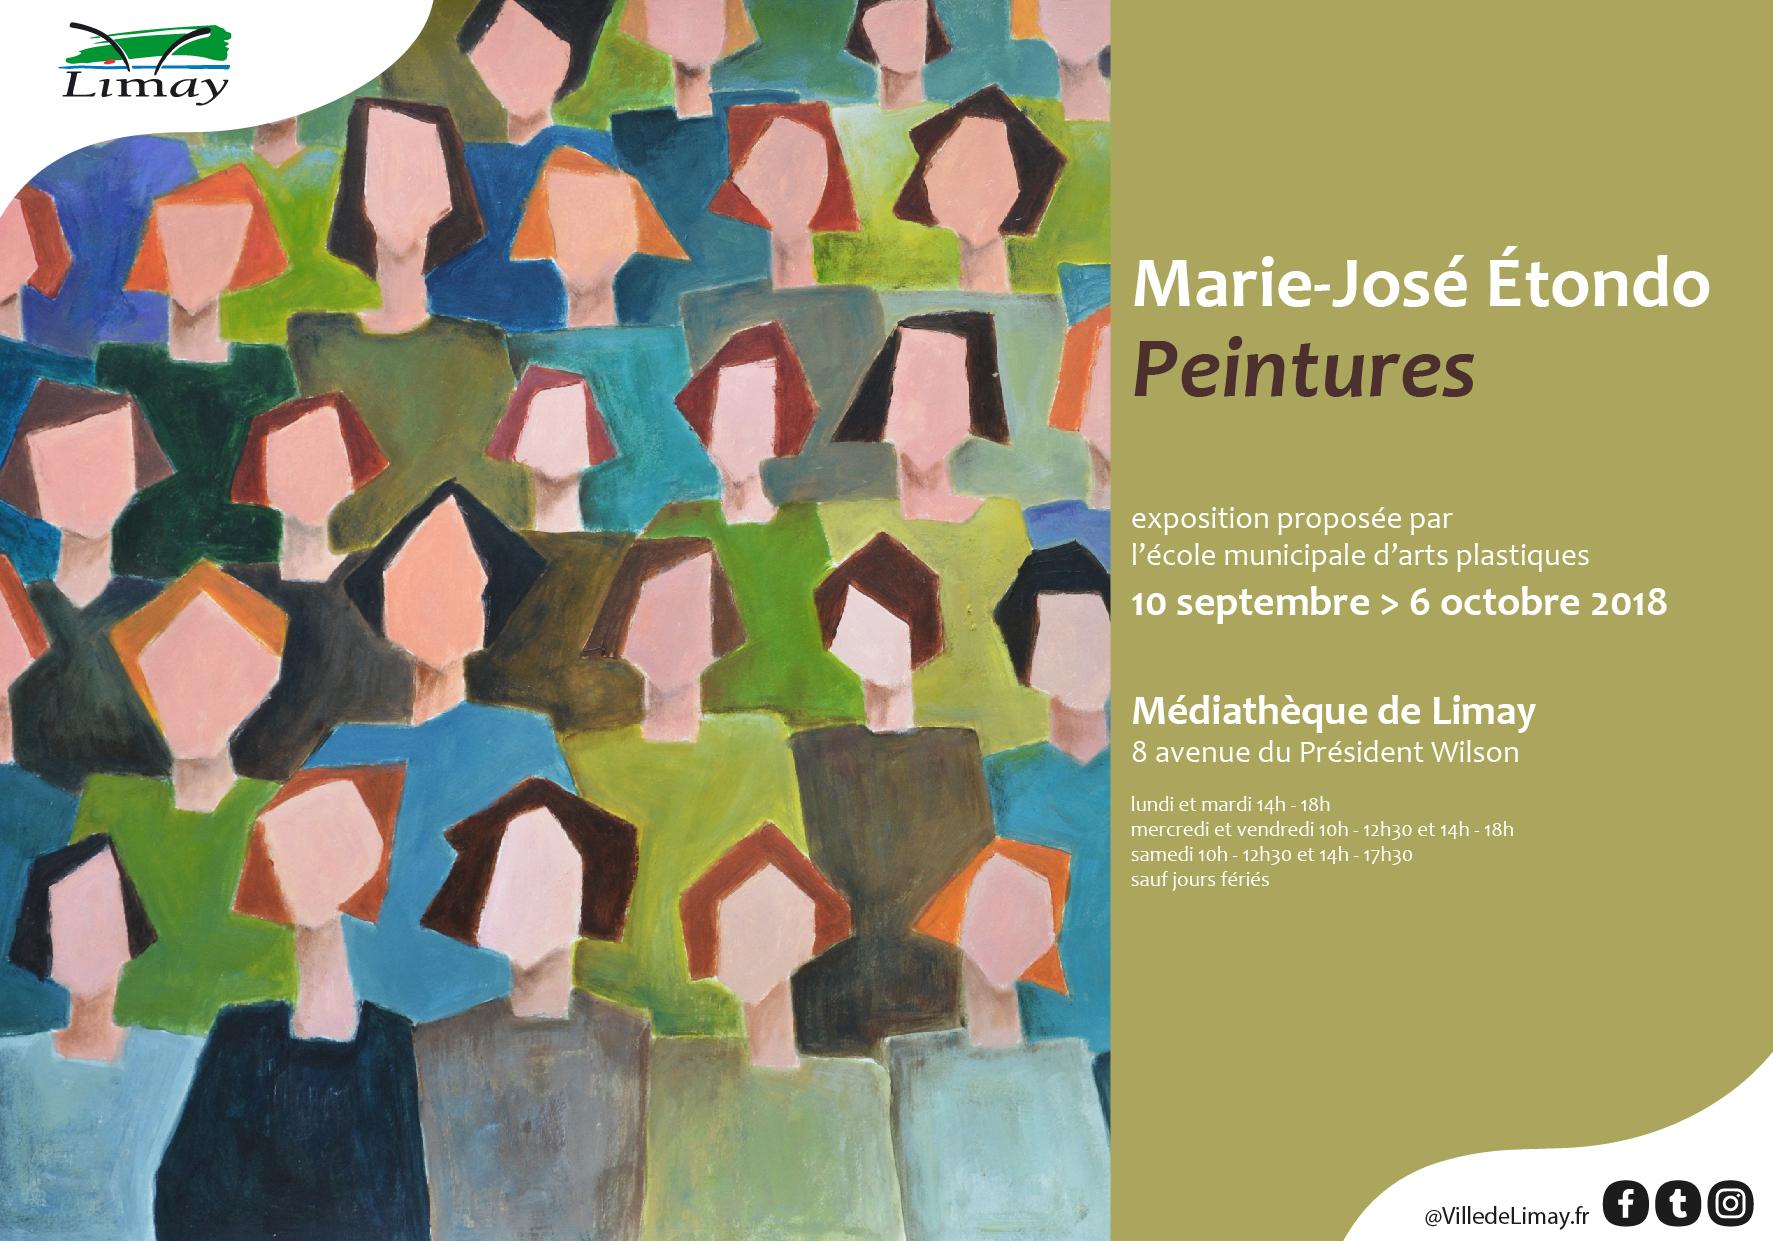 Marie-José Étondo Peintures exposition proposée par l'école municipale d'arts plastiques du 10 septembre au 6 octobre 2018 Médiathèque de Limay